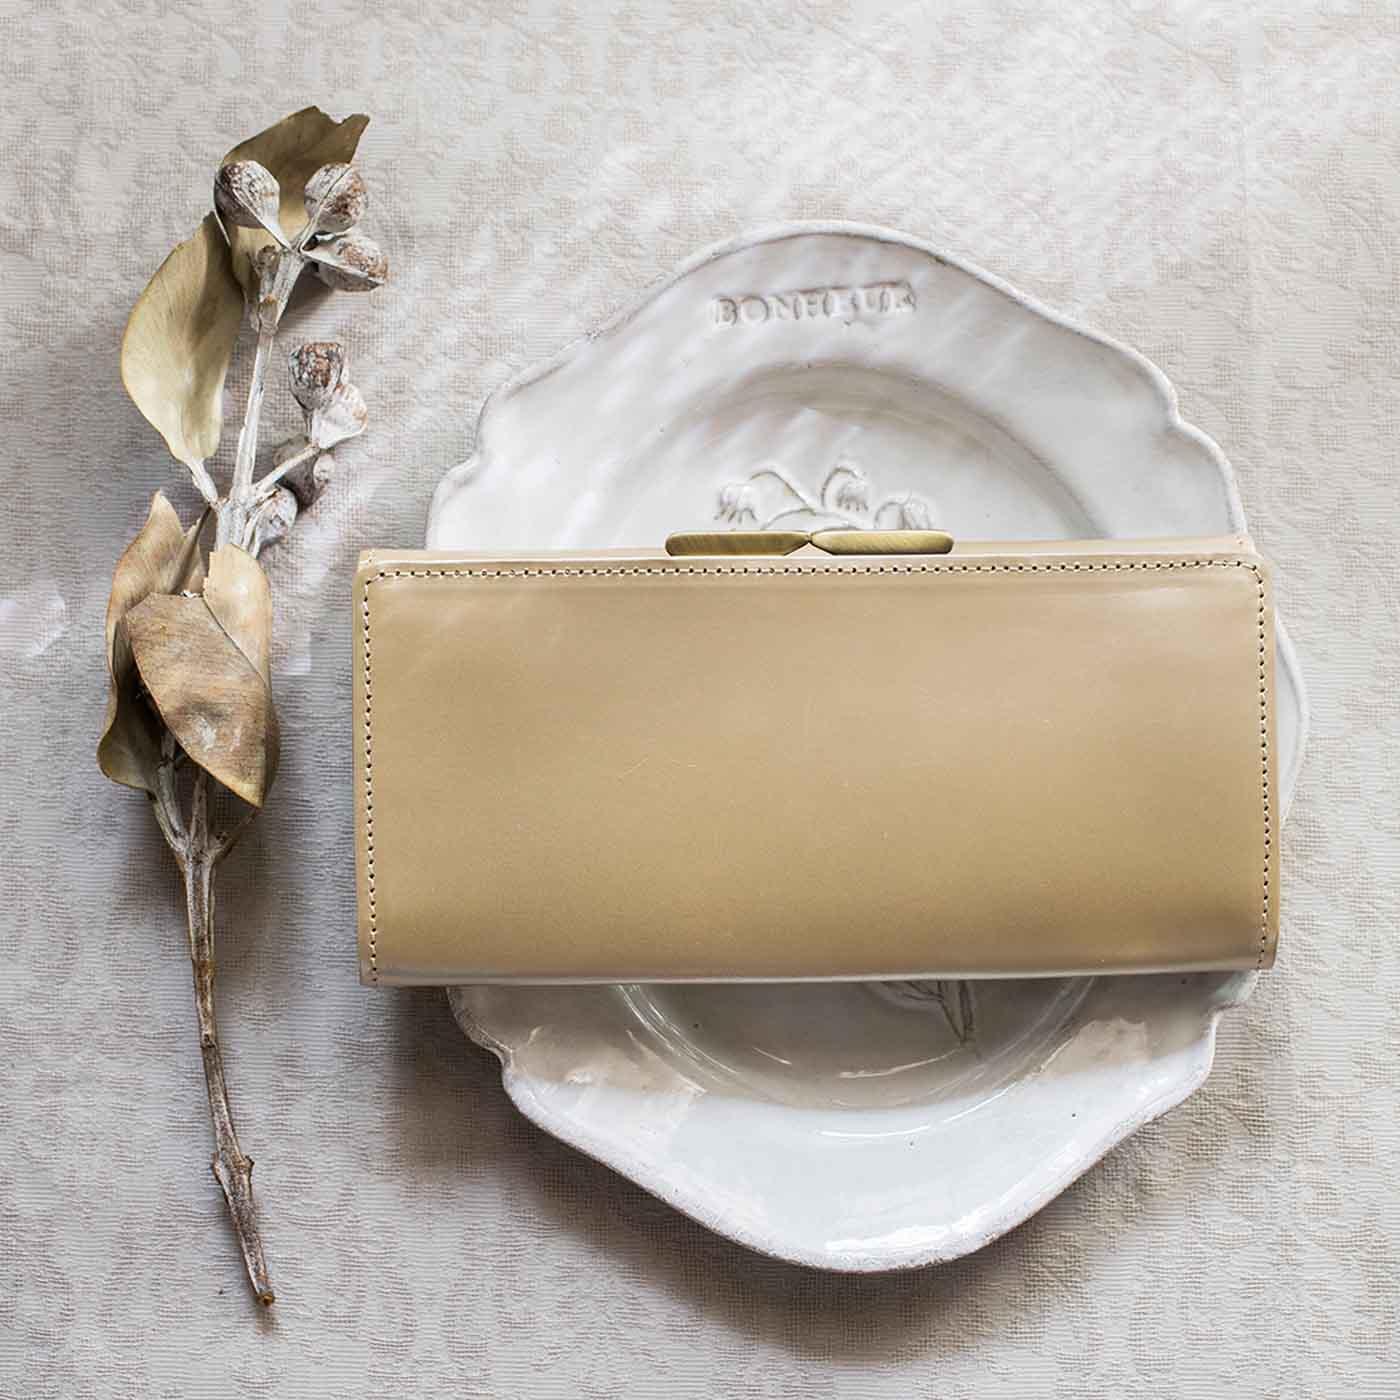 職人が誂(あつら)えた上質本革がま口付き長財布〈シャンパンゴールド〉[本革 財布:日本製]